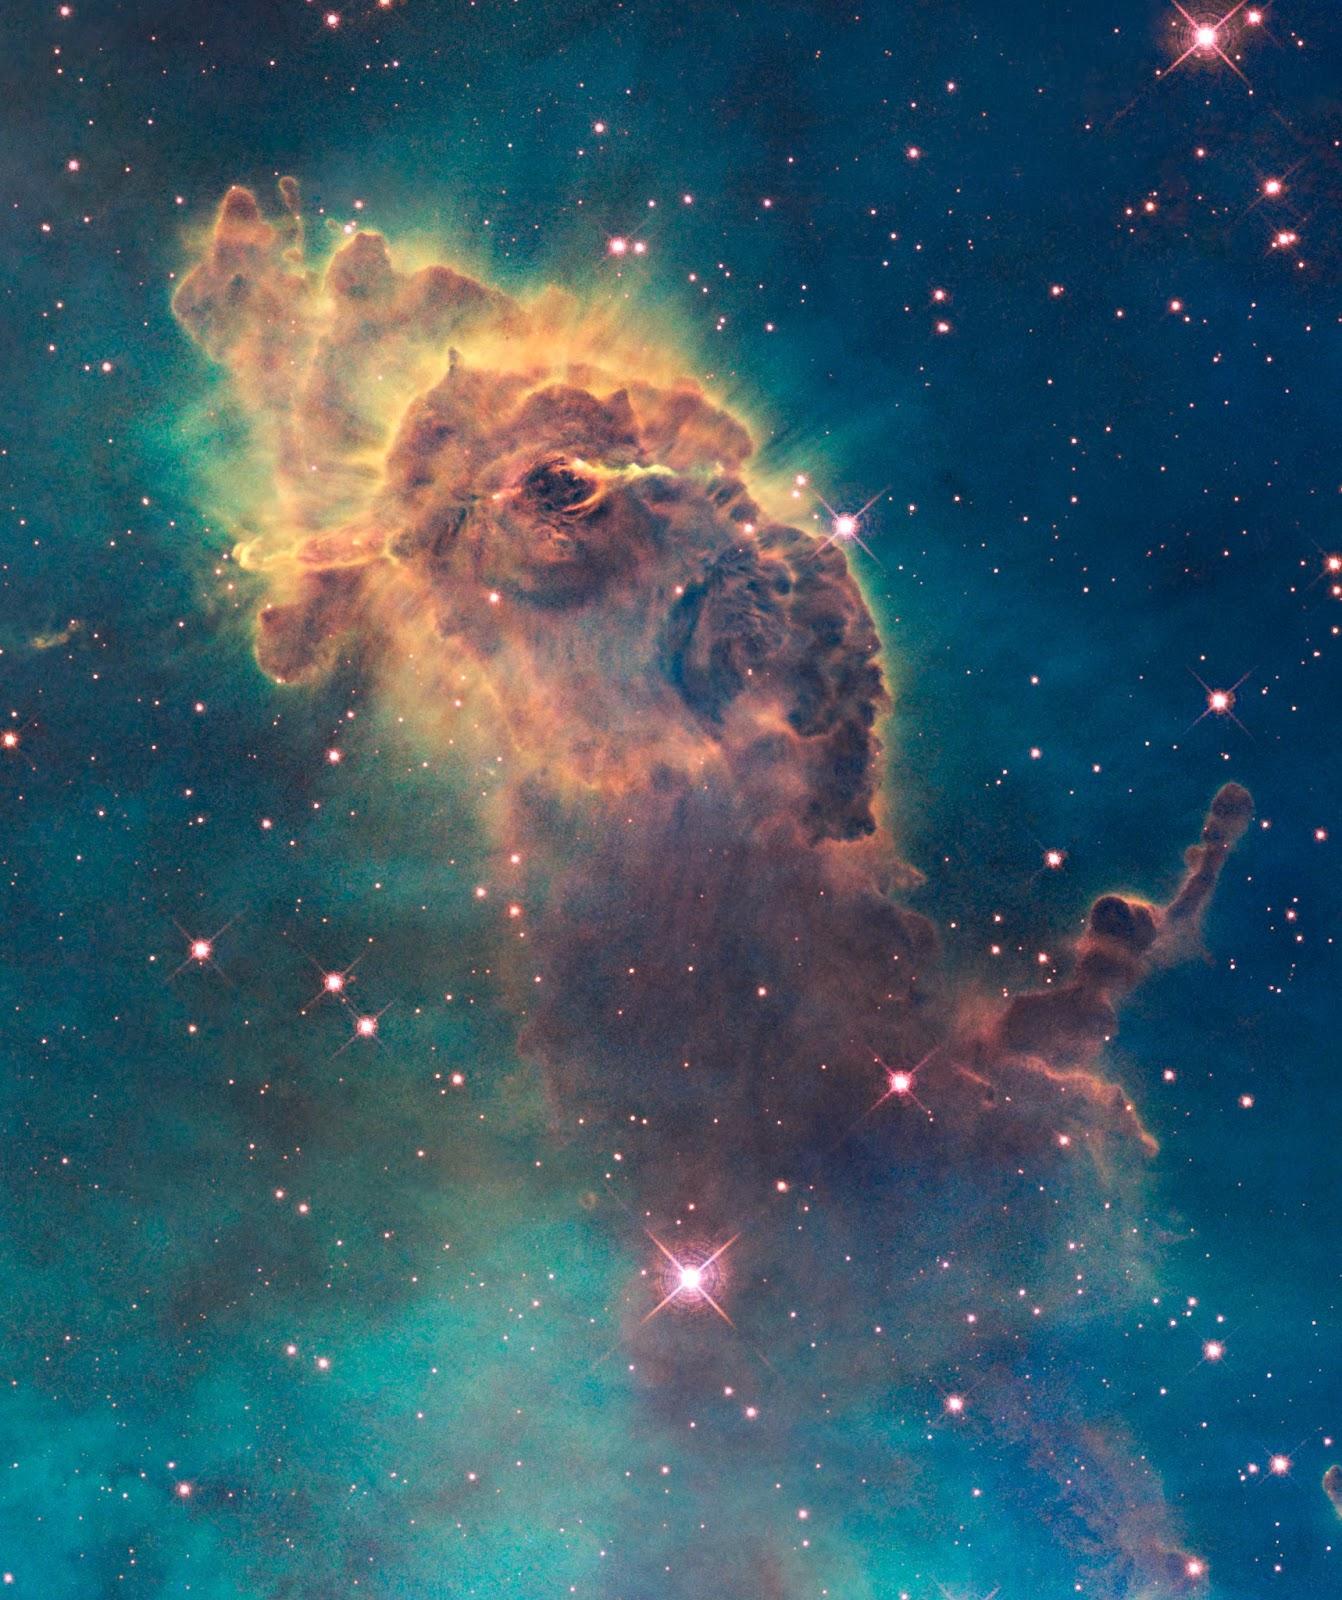 http://en.wikipedia.org/wiki/Nebula